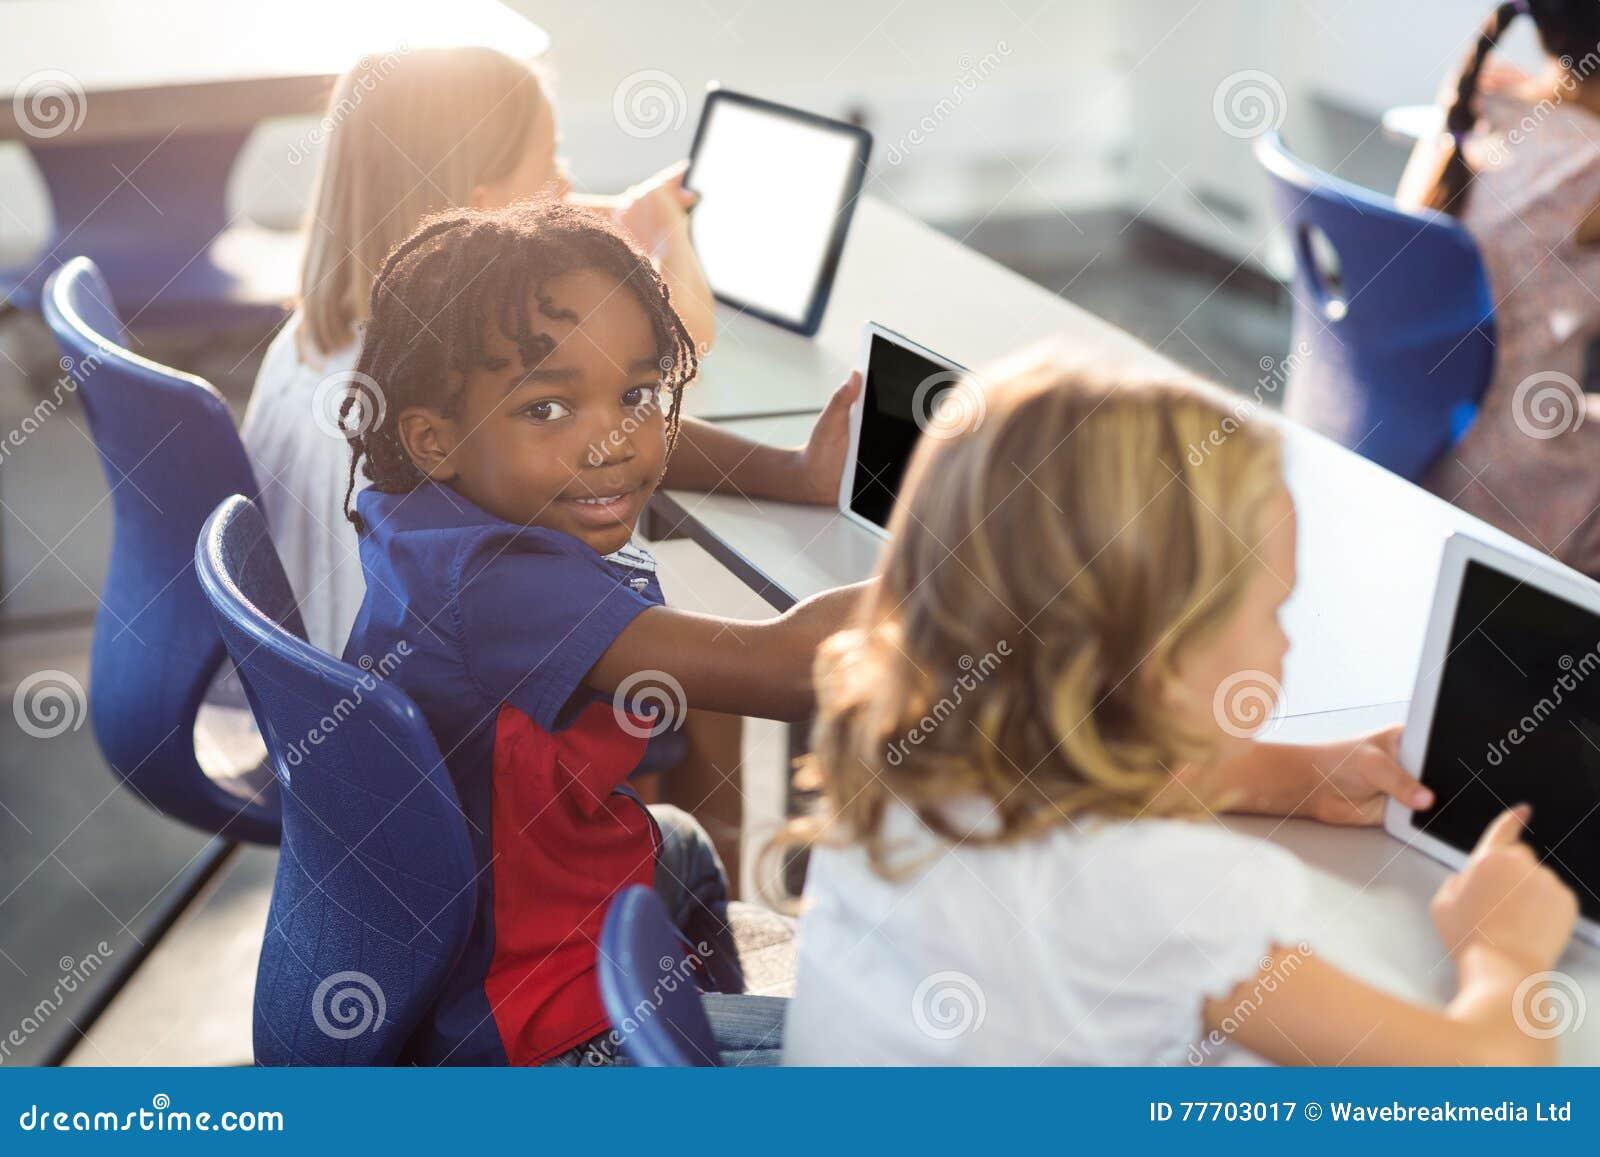 Glimlachende jongen met klasgenoten die digitale tablet gebruiken